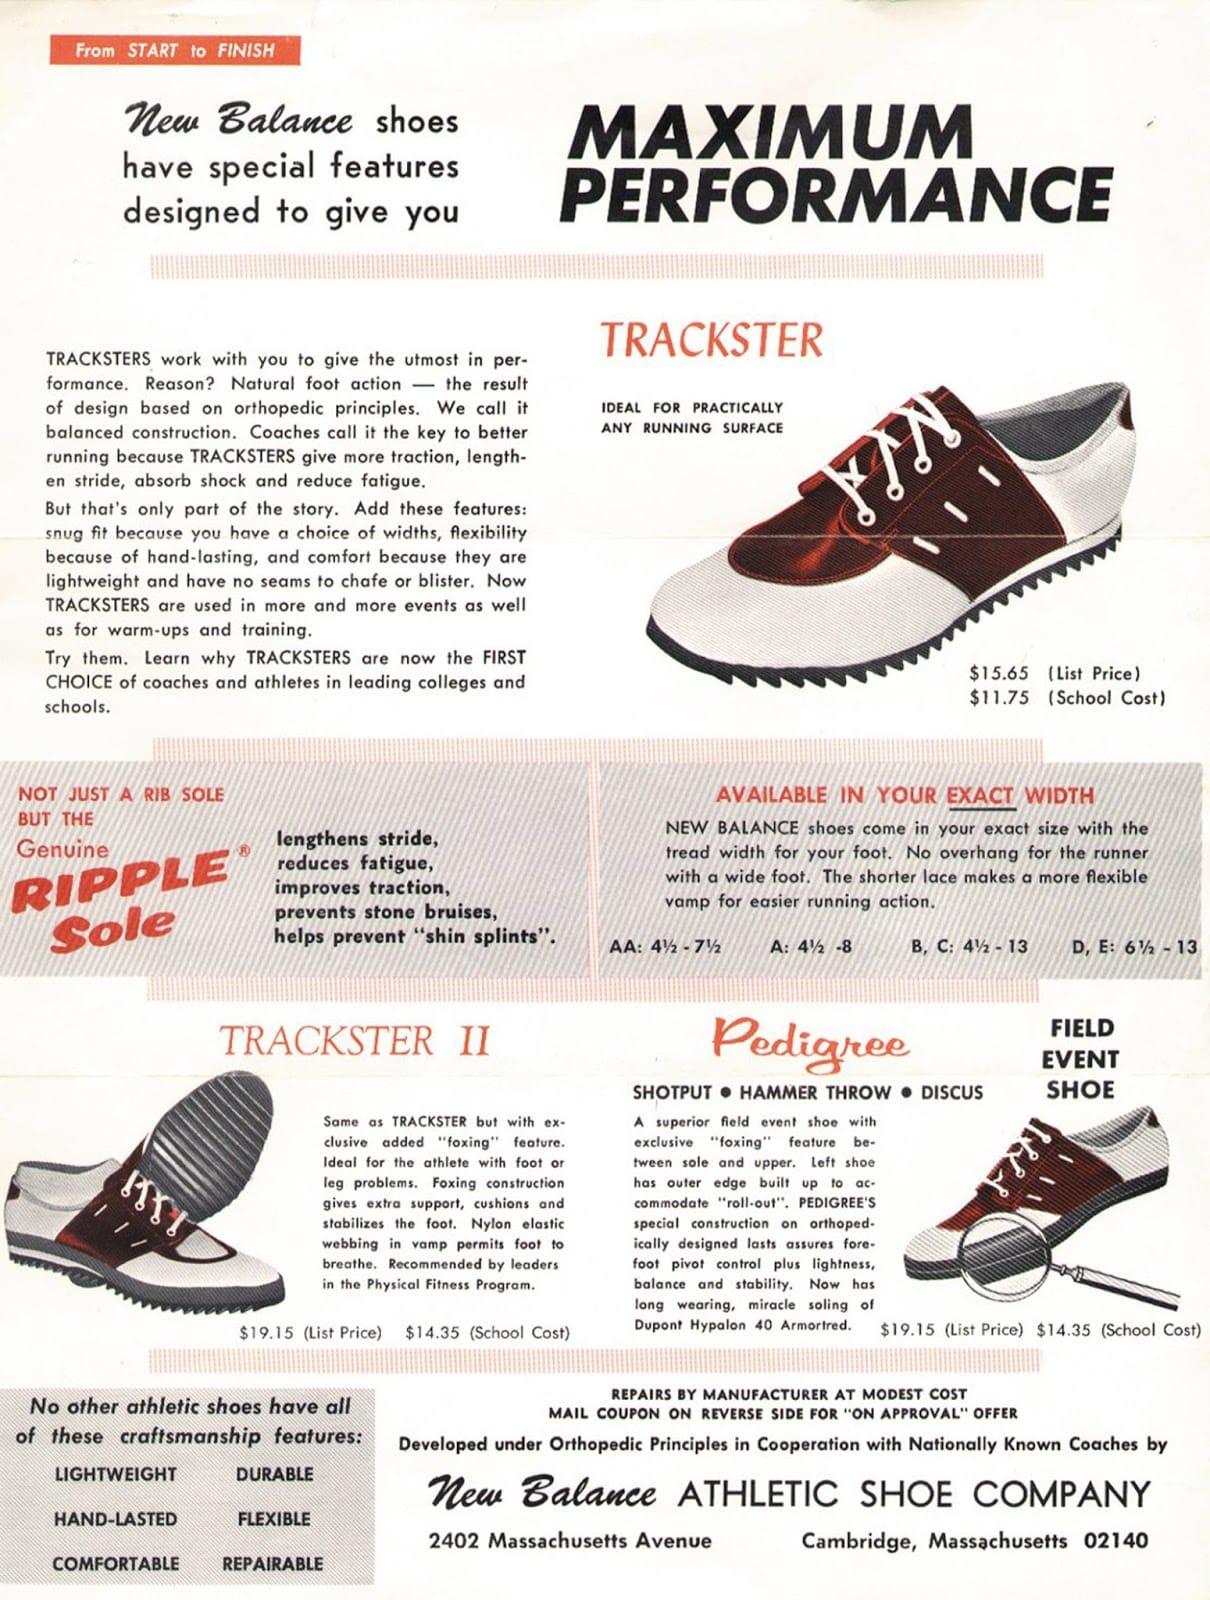 Publicité pour la New Balance Trackster